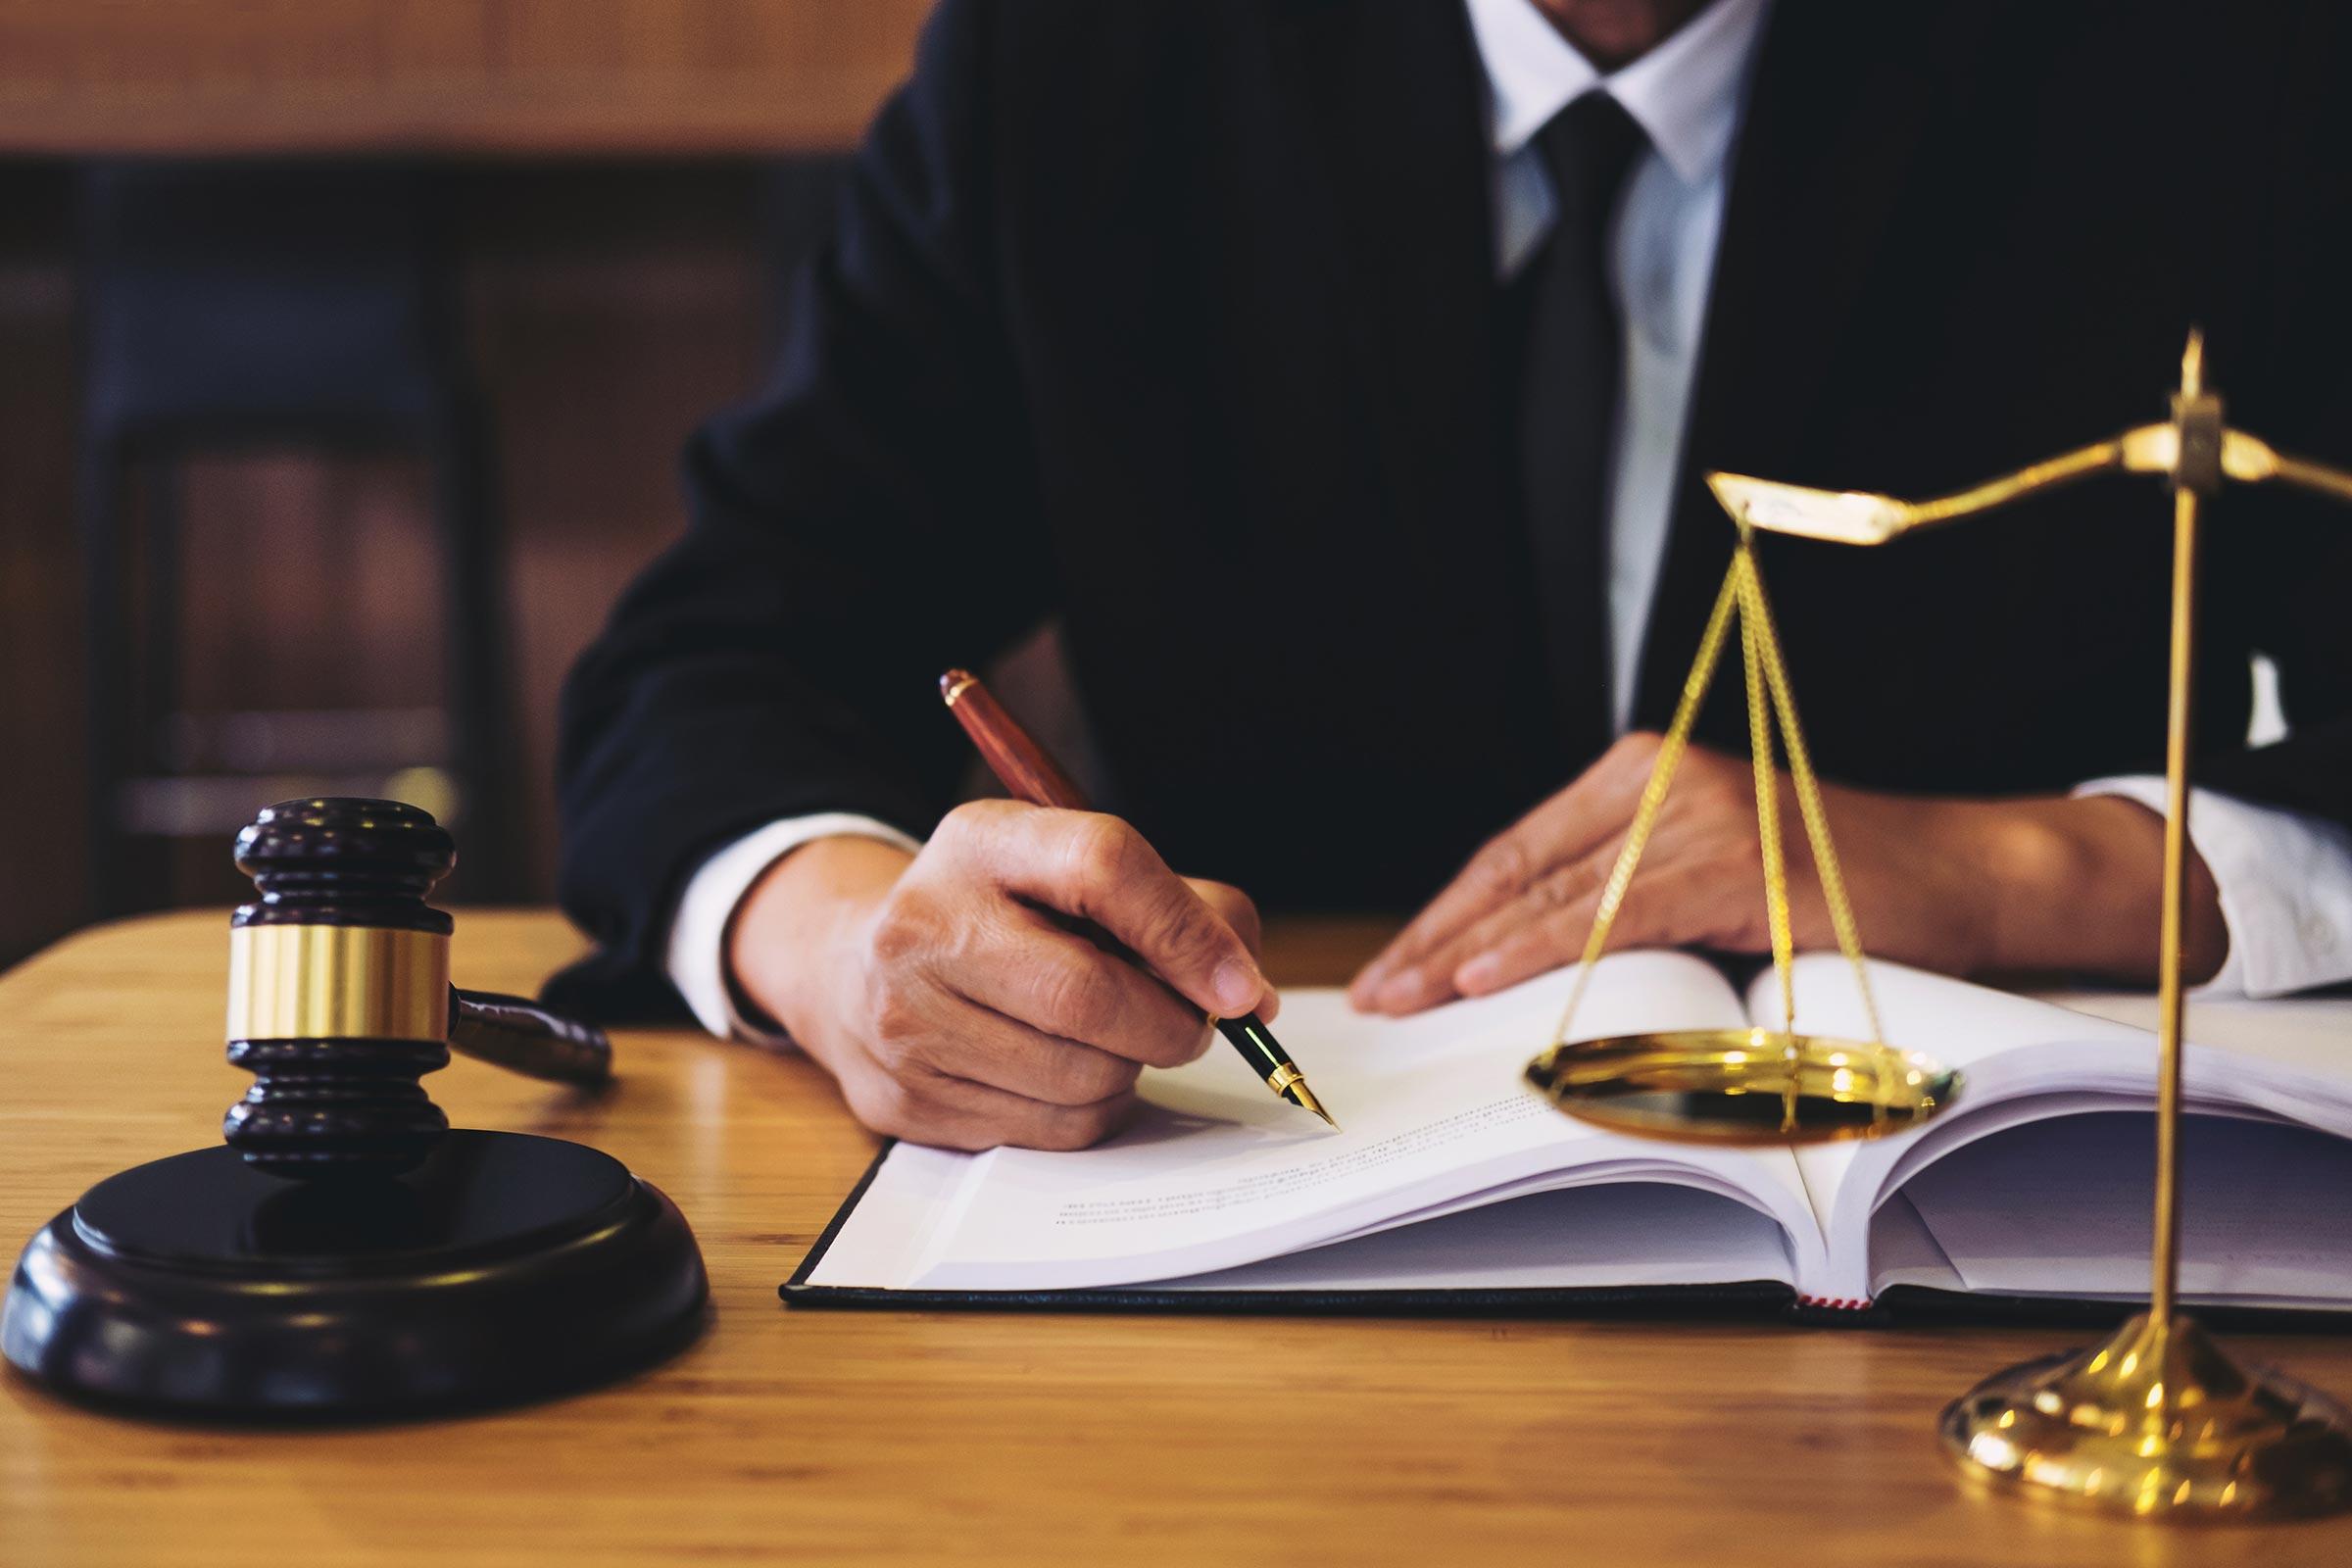 юридическая консультация по вопросам наследства бесплатно